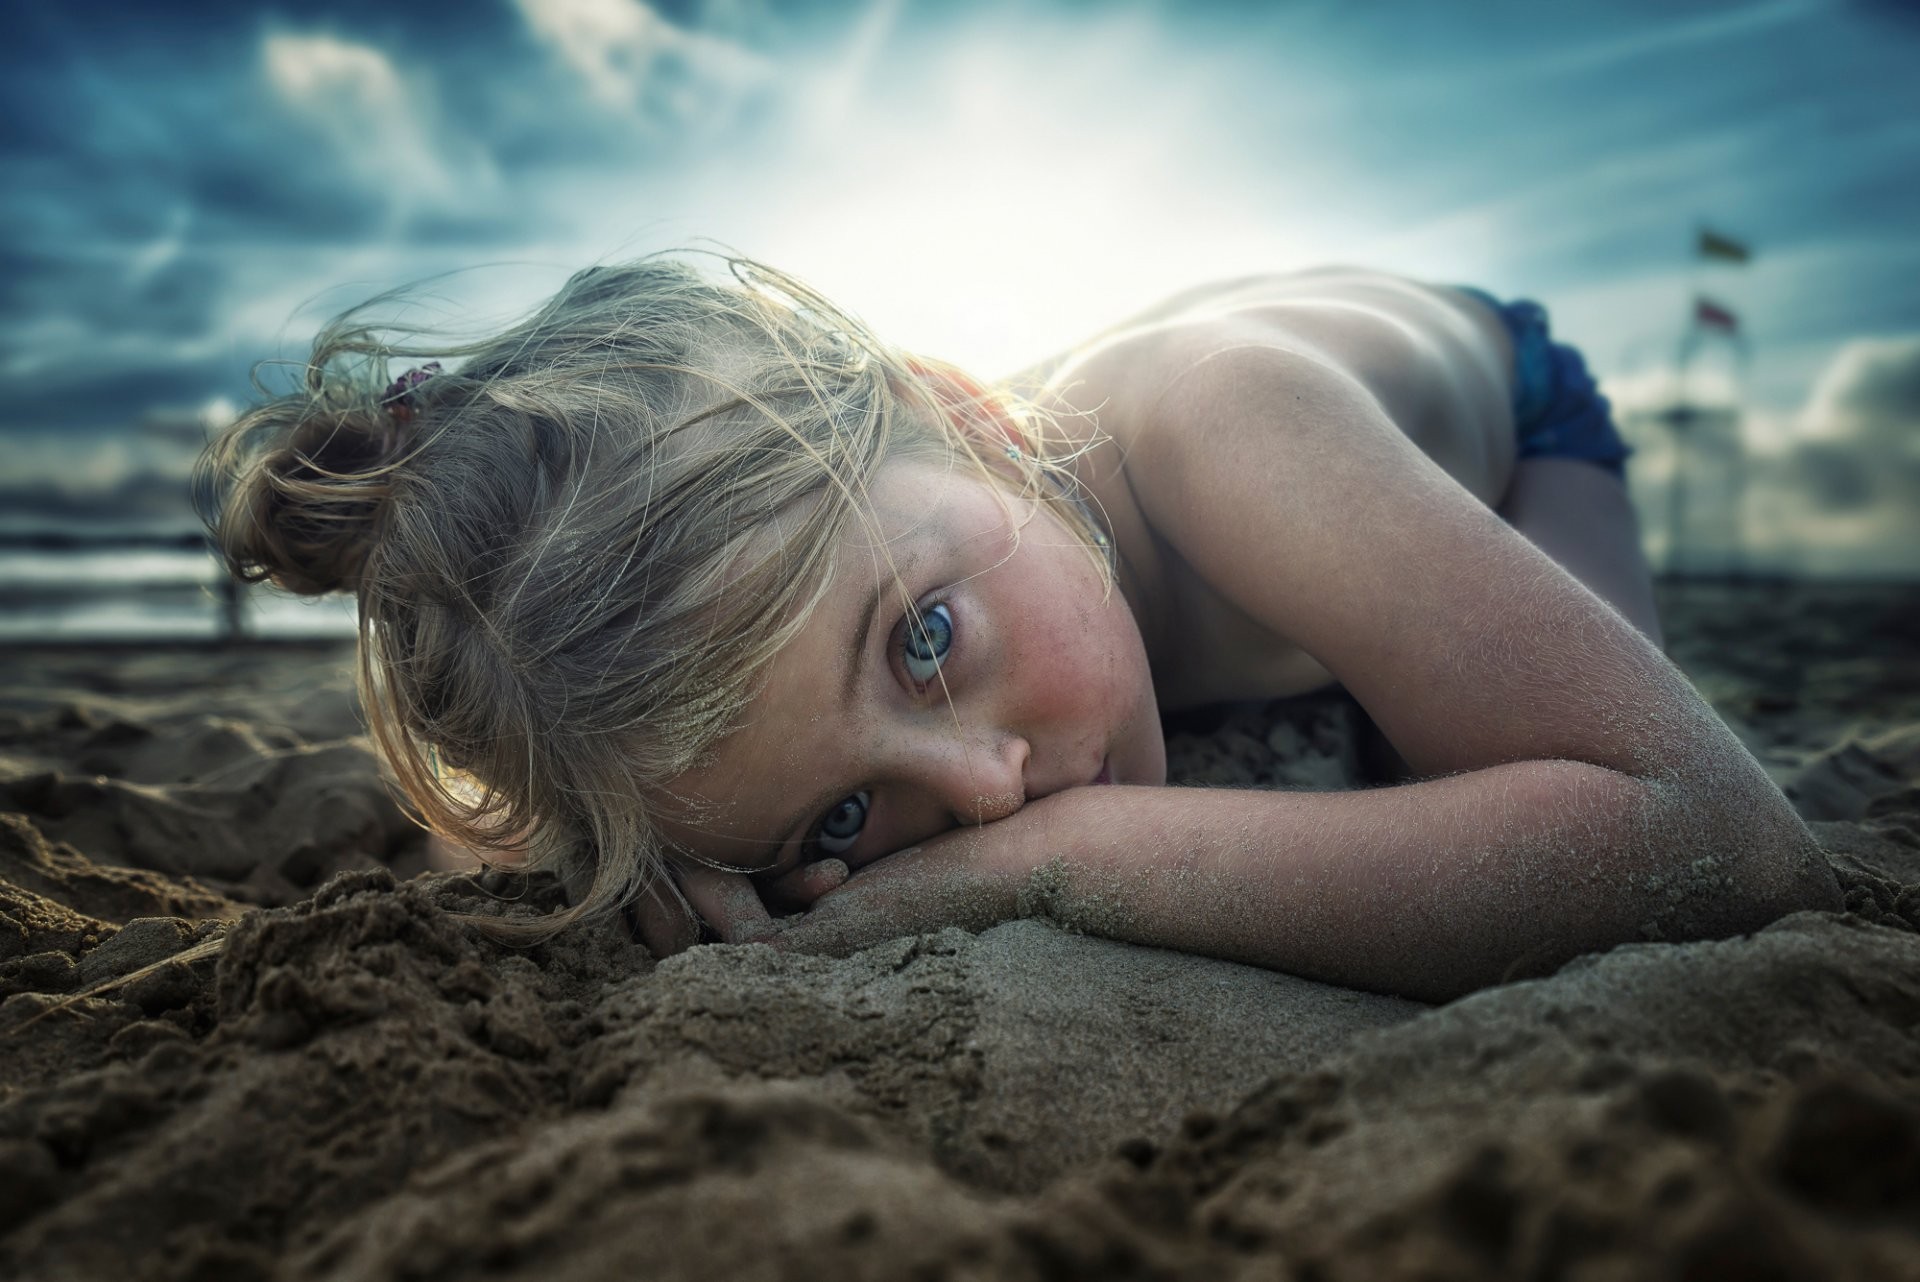 девушка зеленые глаза на песке фото